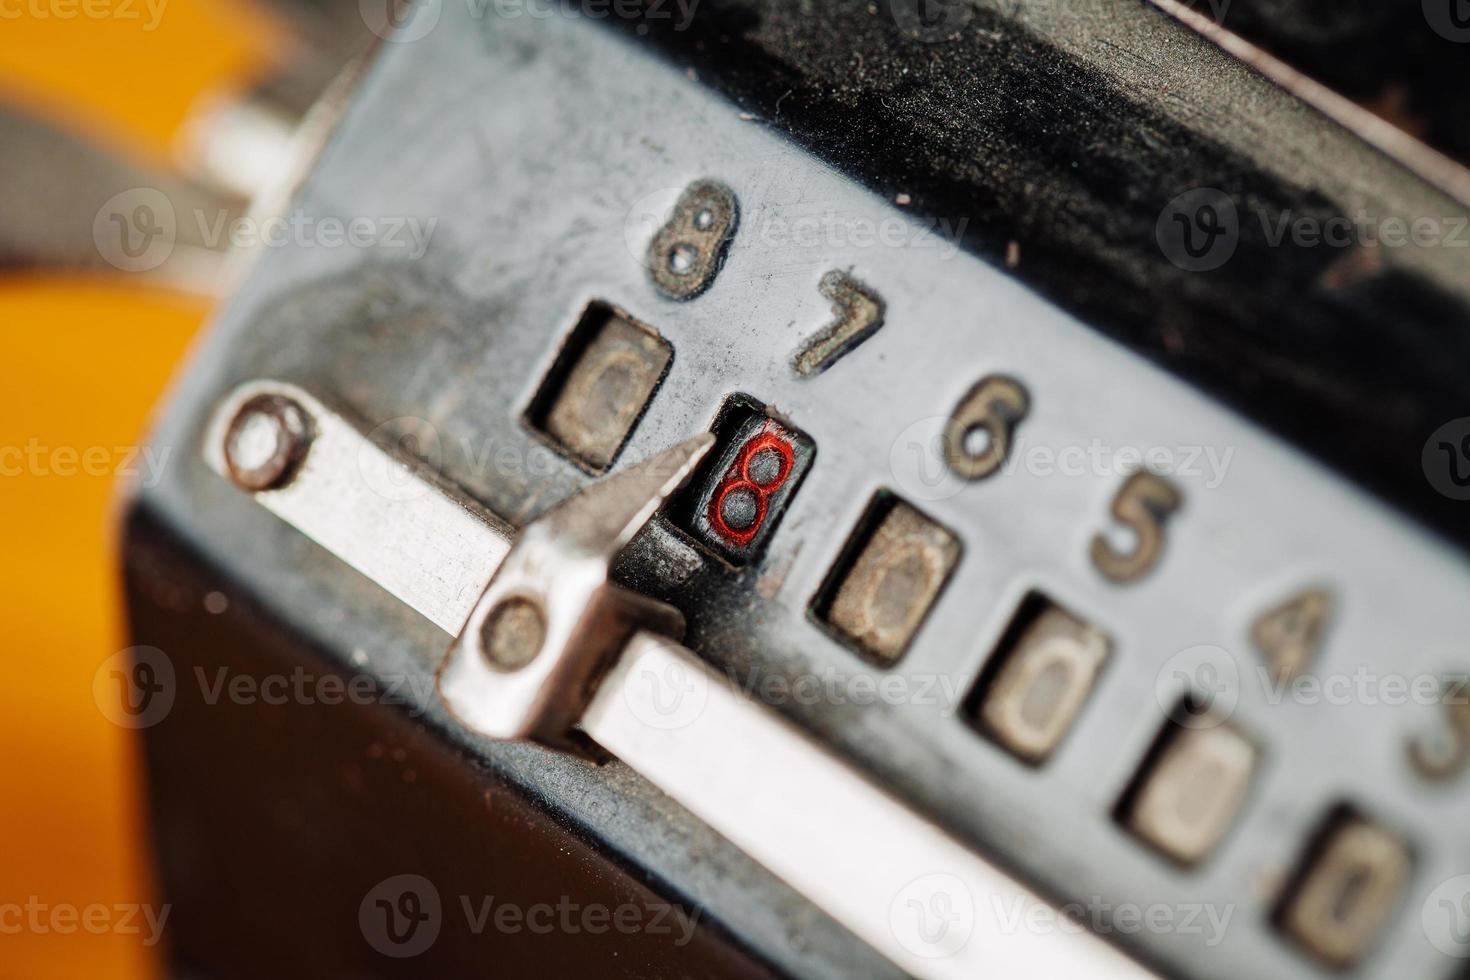 conteggio manuale meccanico vintage per calcoli matematici foto